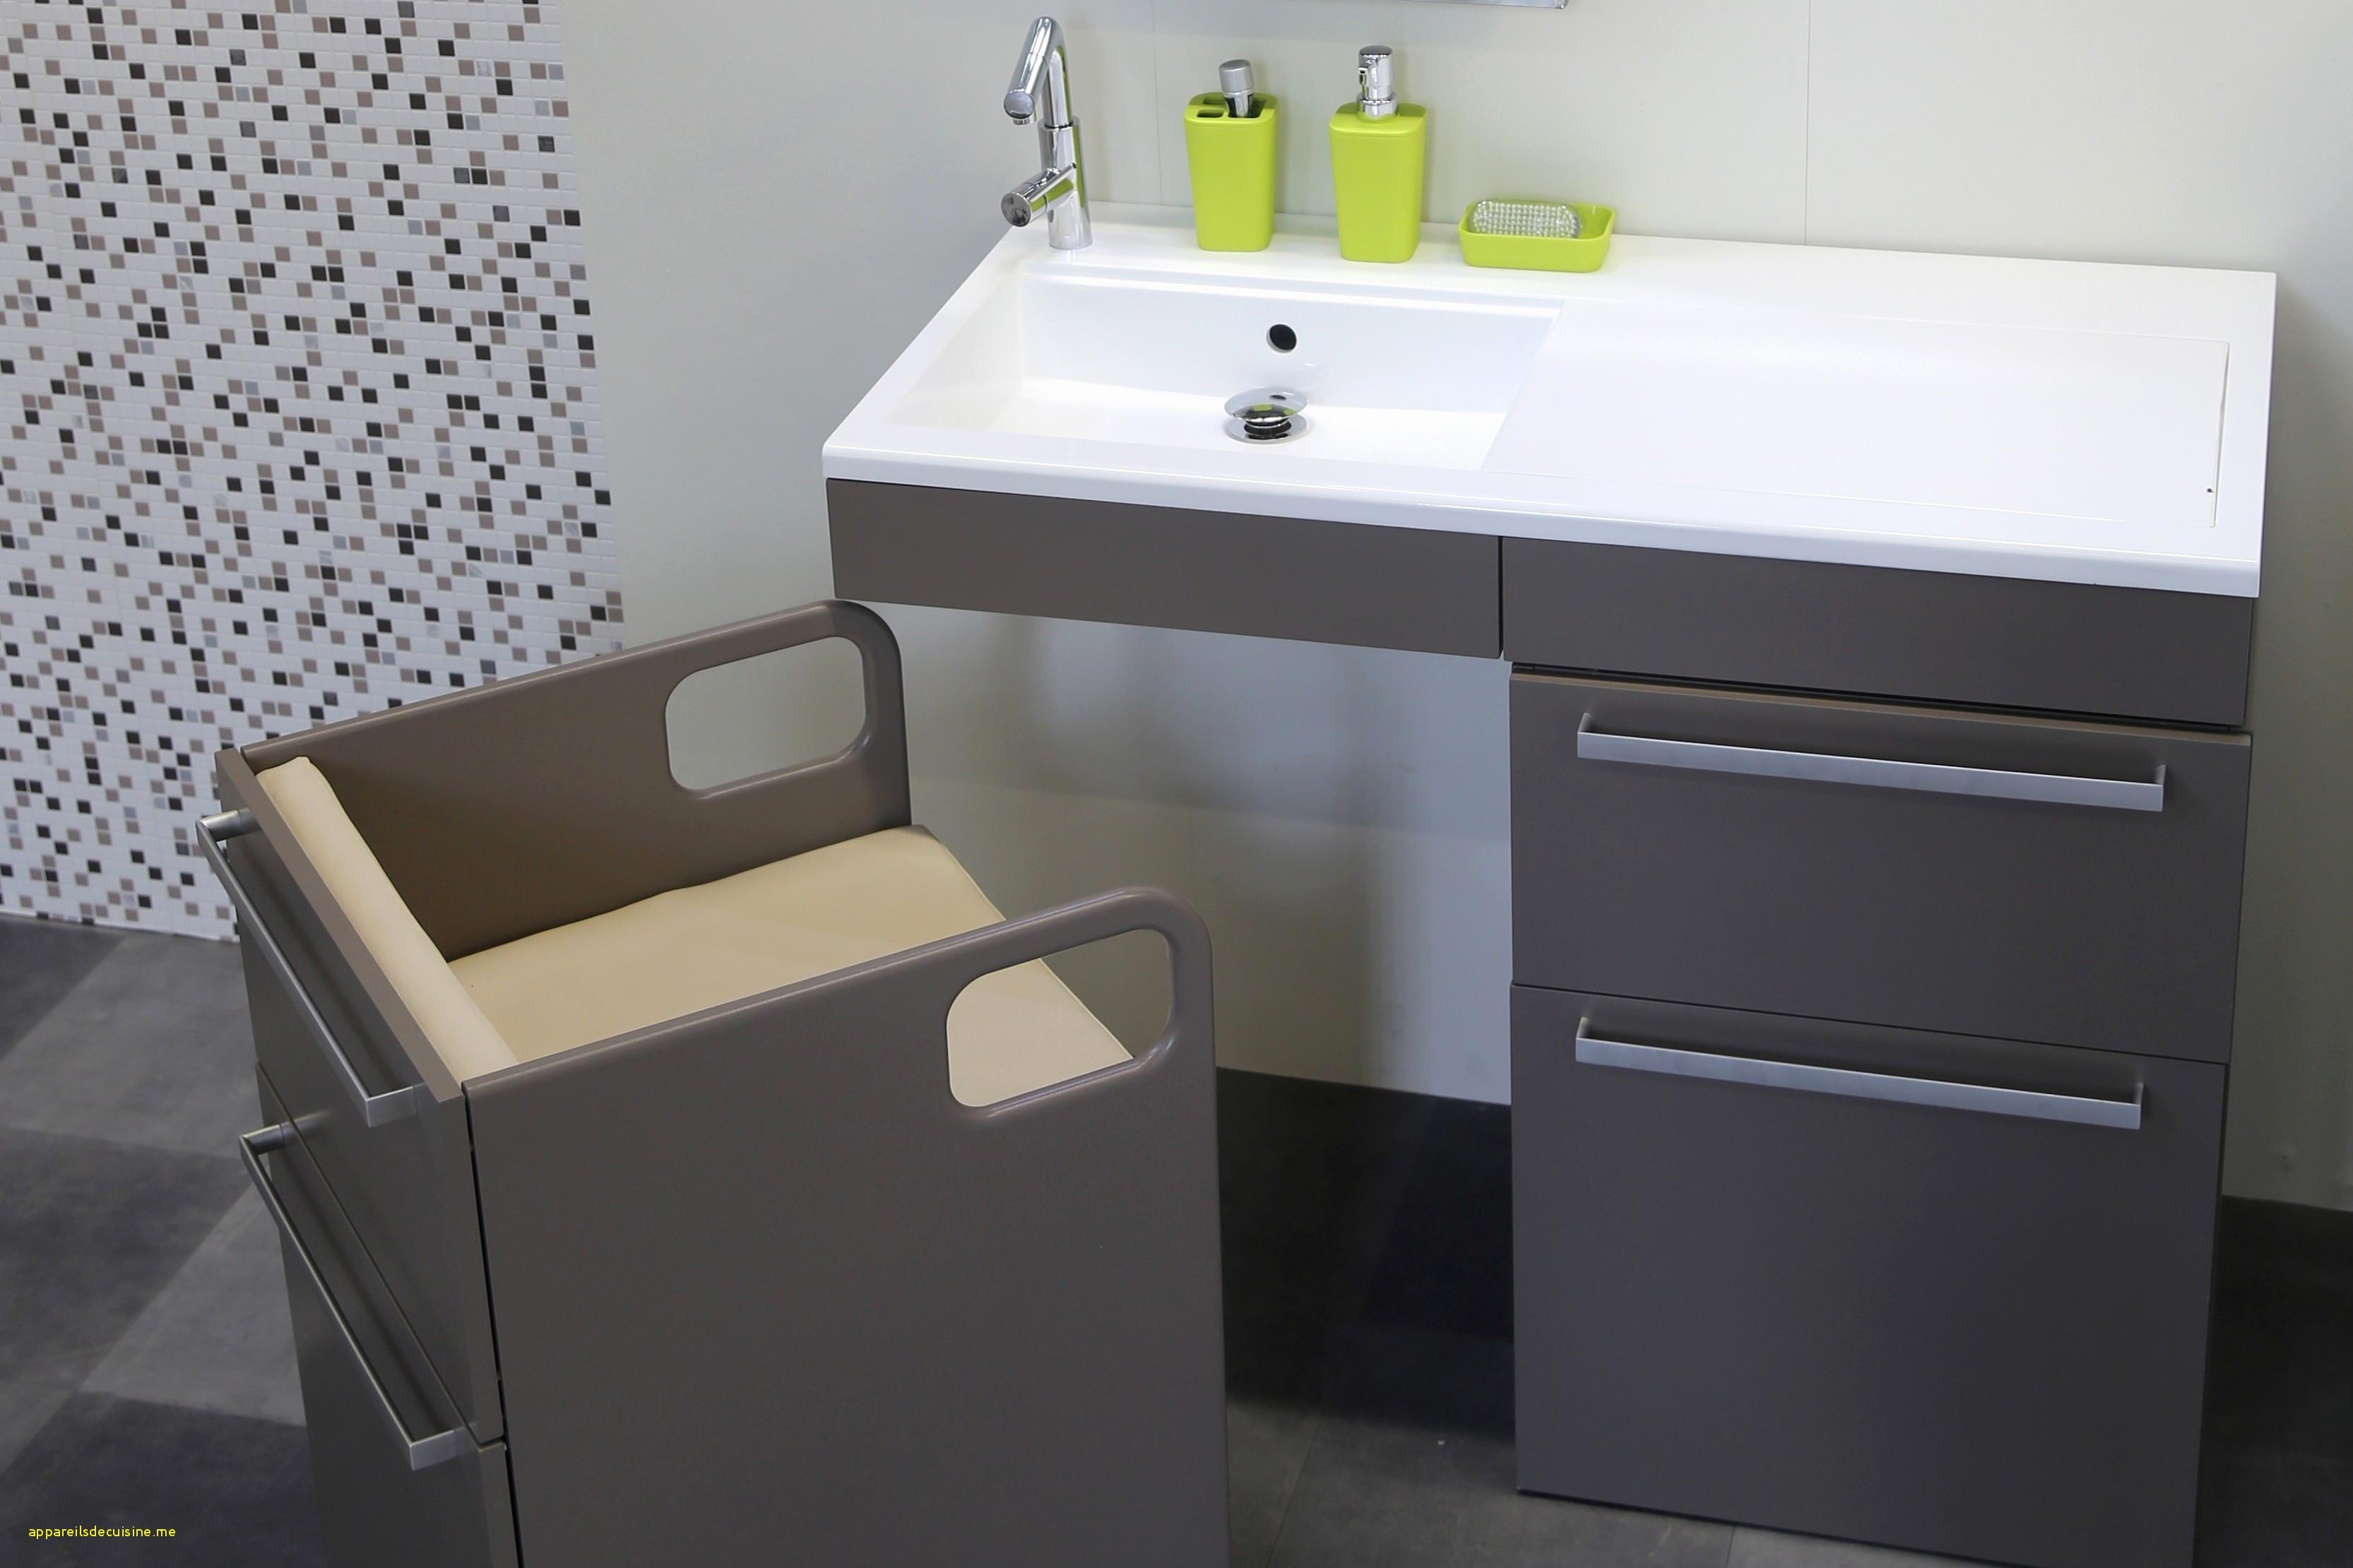 Plan De Travail Salle De Bain Ikea Meilleur De Collection Armoire Salle De Bain Ikea Luxe Ikea Meuble D Angle Meuble Salle De